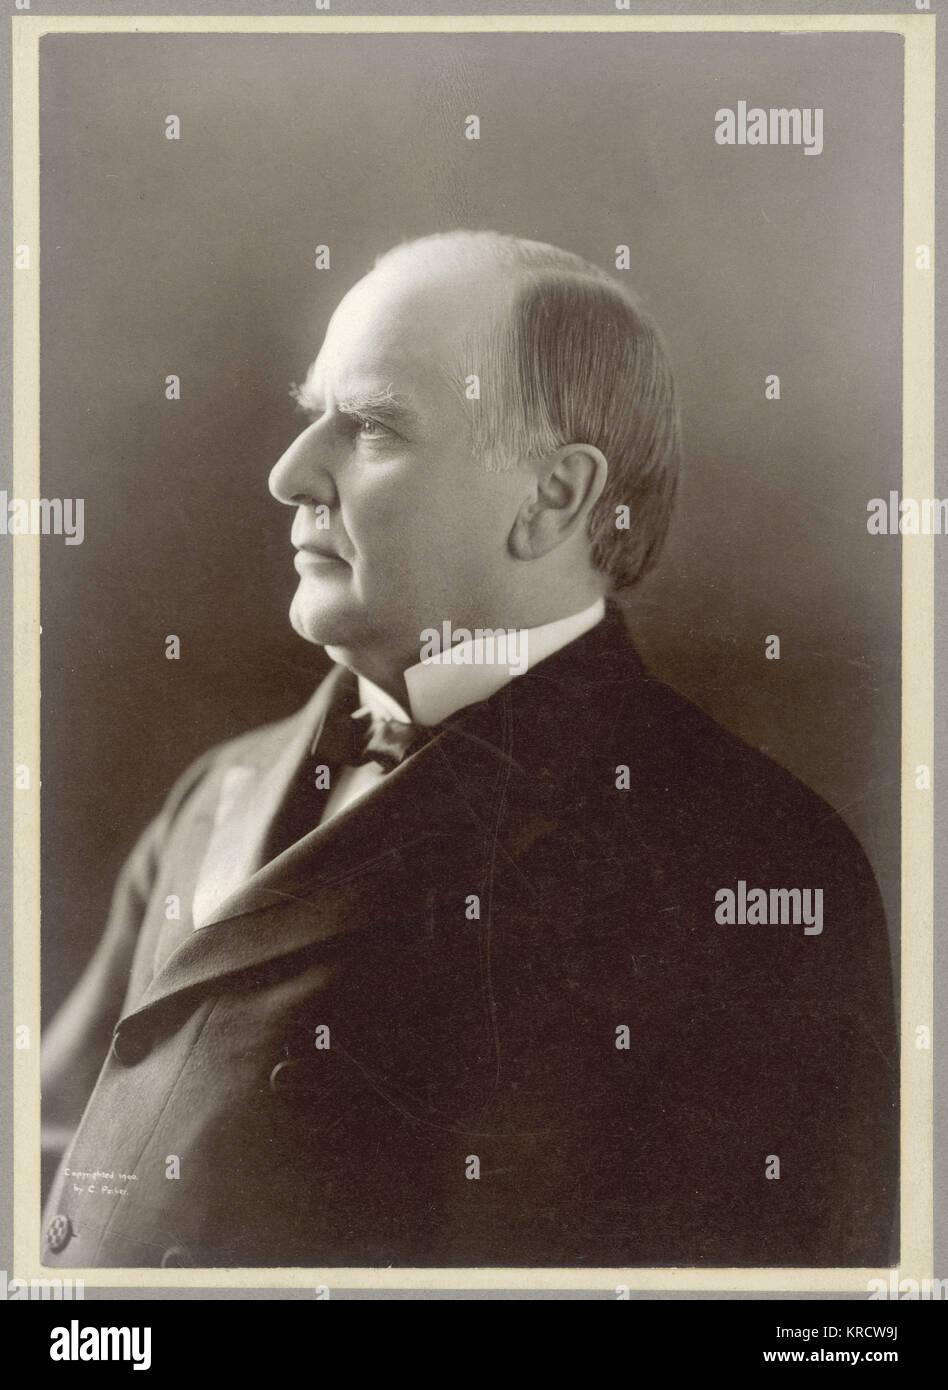 WILLIAM MCKINLEY (1843 - 1901), portrait photographique de William Mckinley, 25e président des États-Unis. Photo Stock